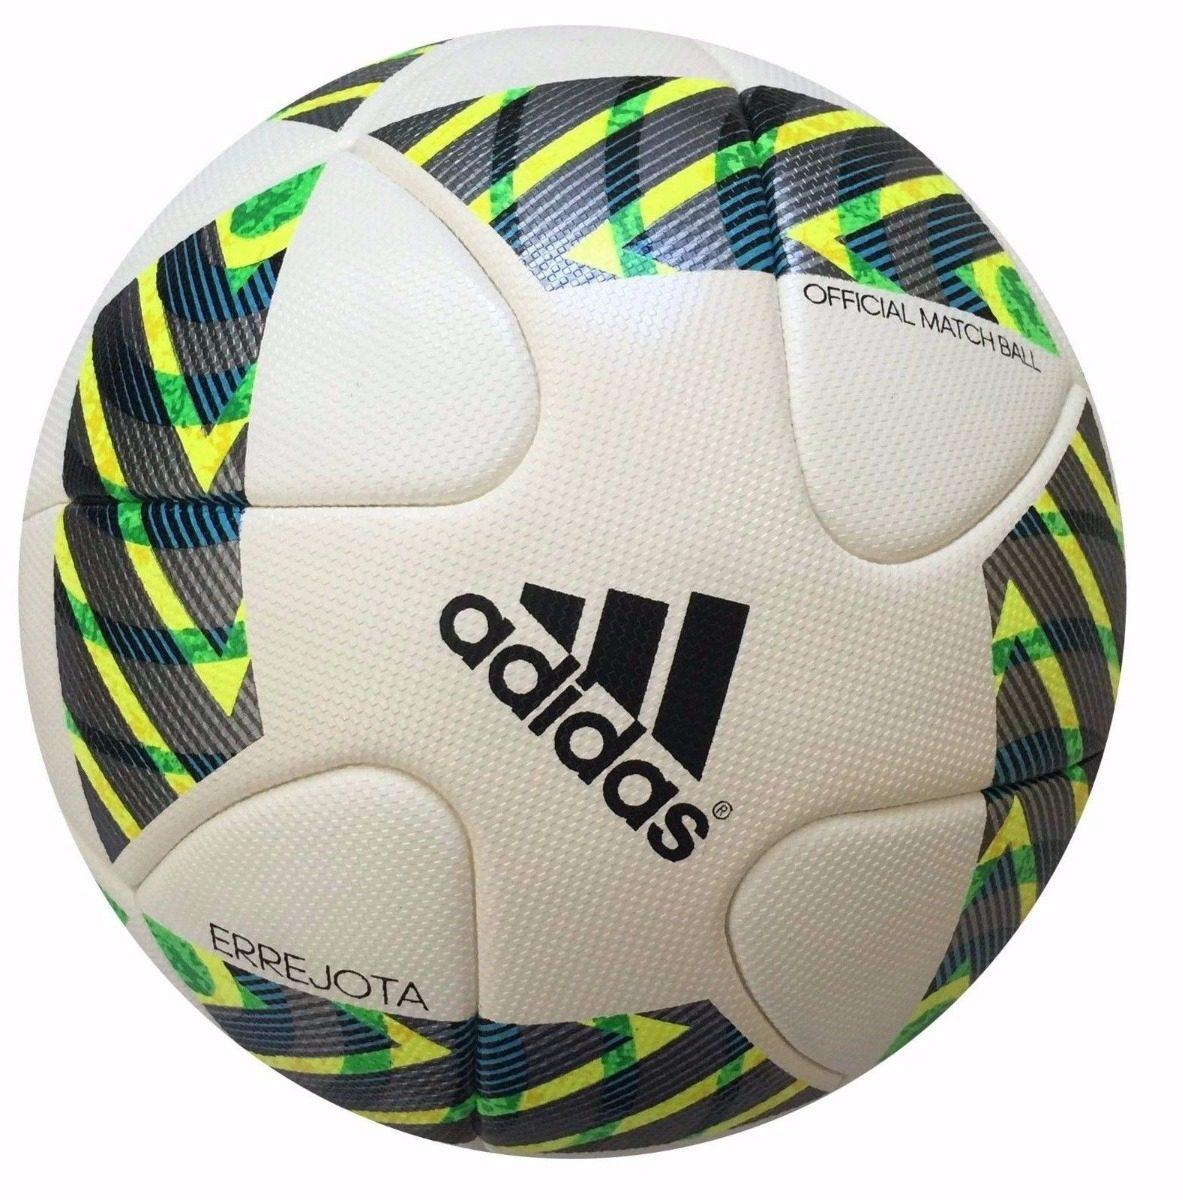 f147e13dc5 bola campo adidas errejota oficial match ball nova 1magnus. Carregando zoom.